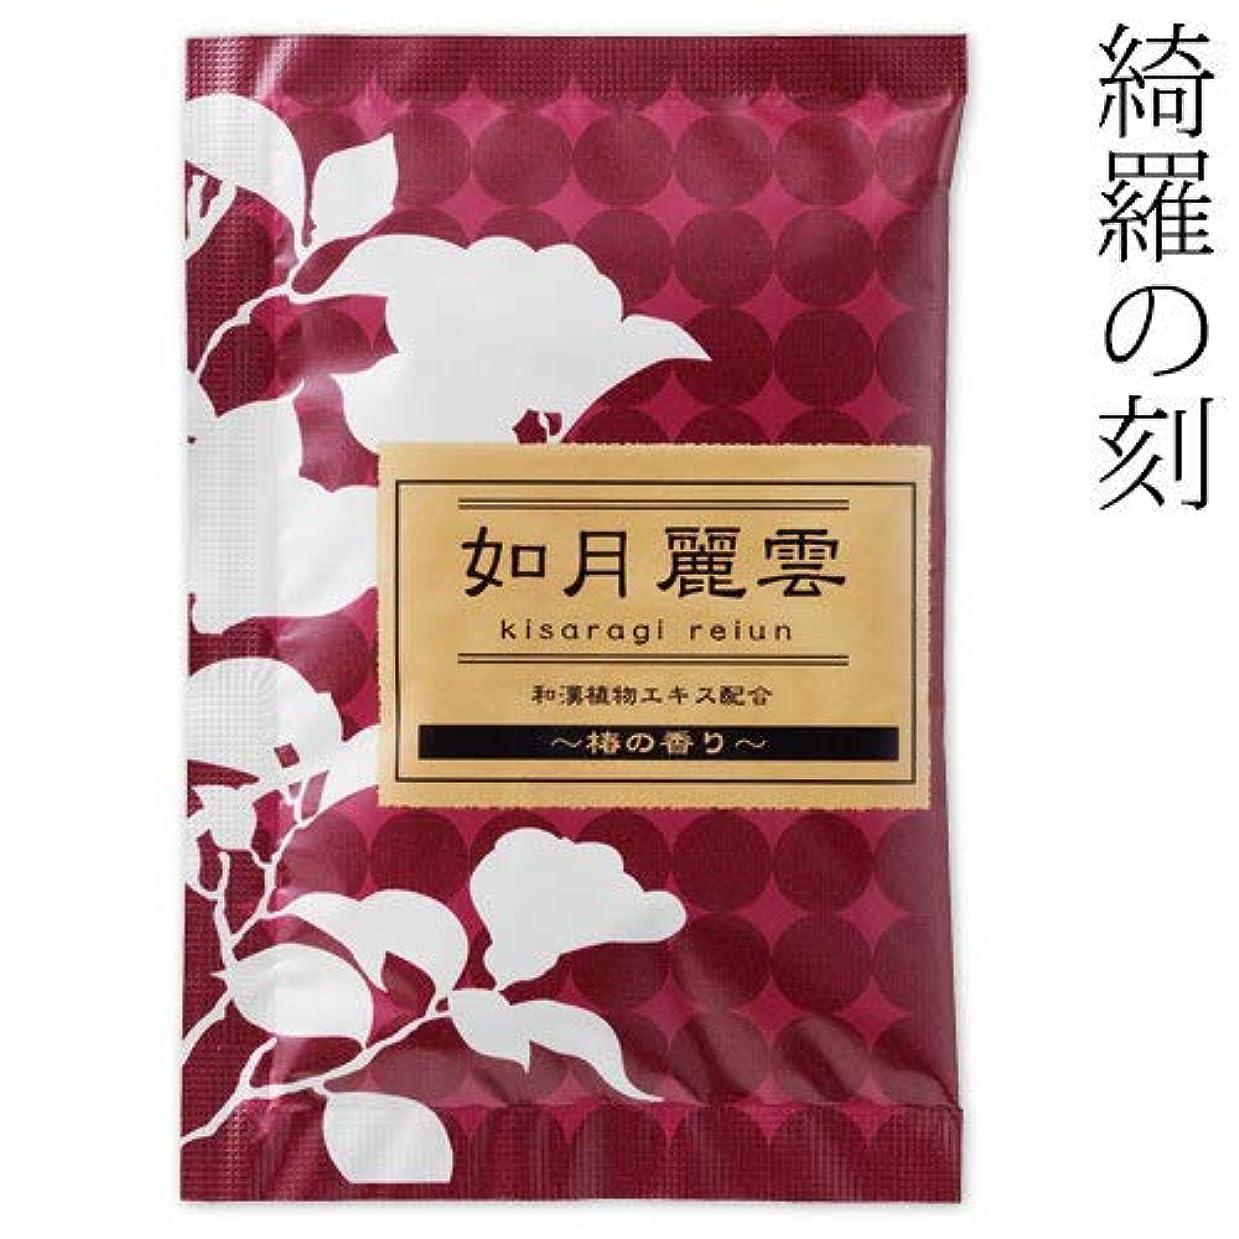 トレイルオート契約した入浴剤綺羅の刻椿の香り如月麗雲1包石川県のお風呂グッズBath additive, Ishikawa craft